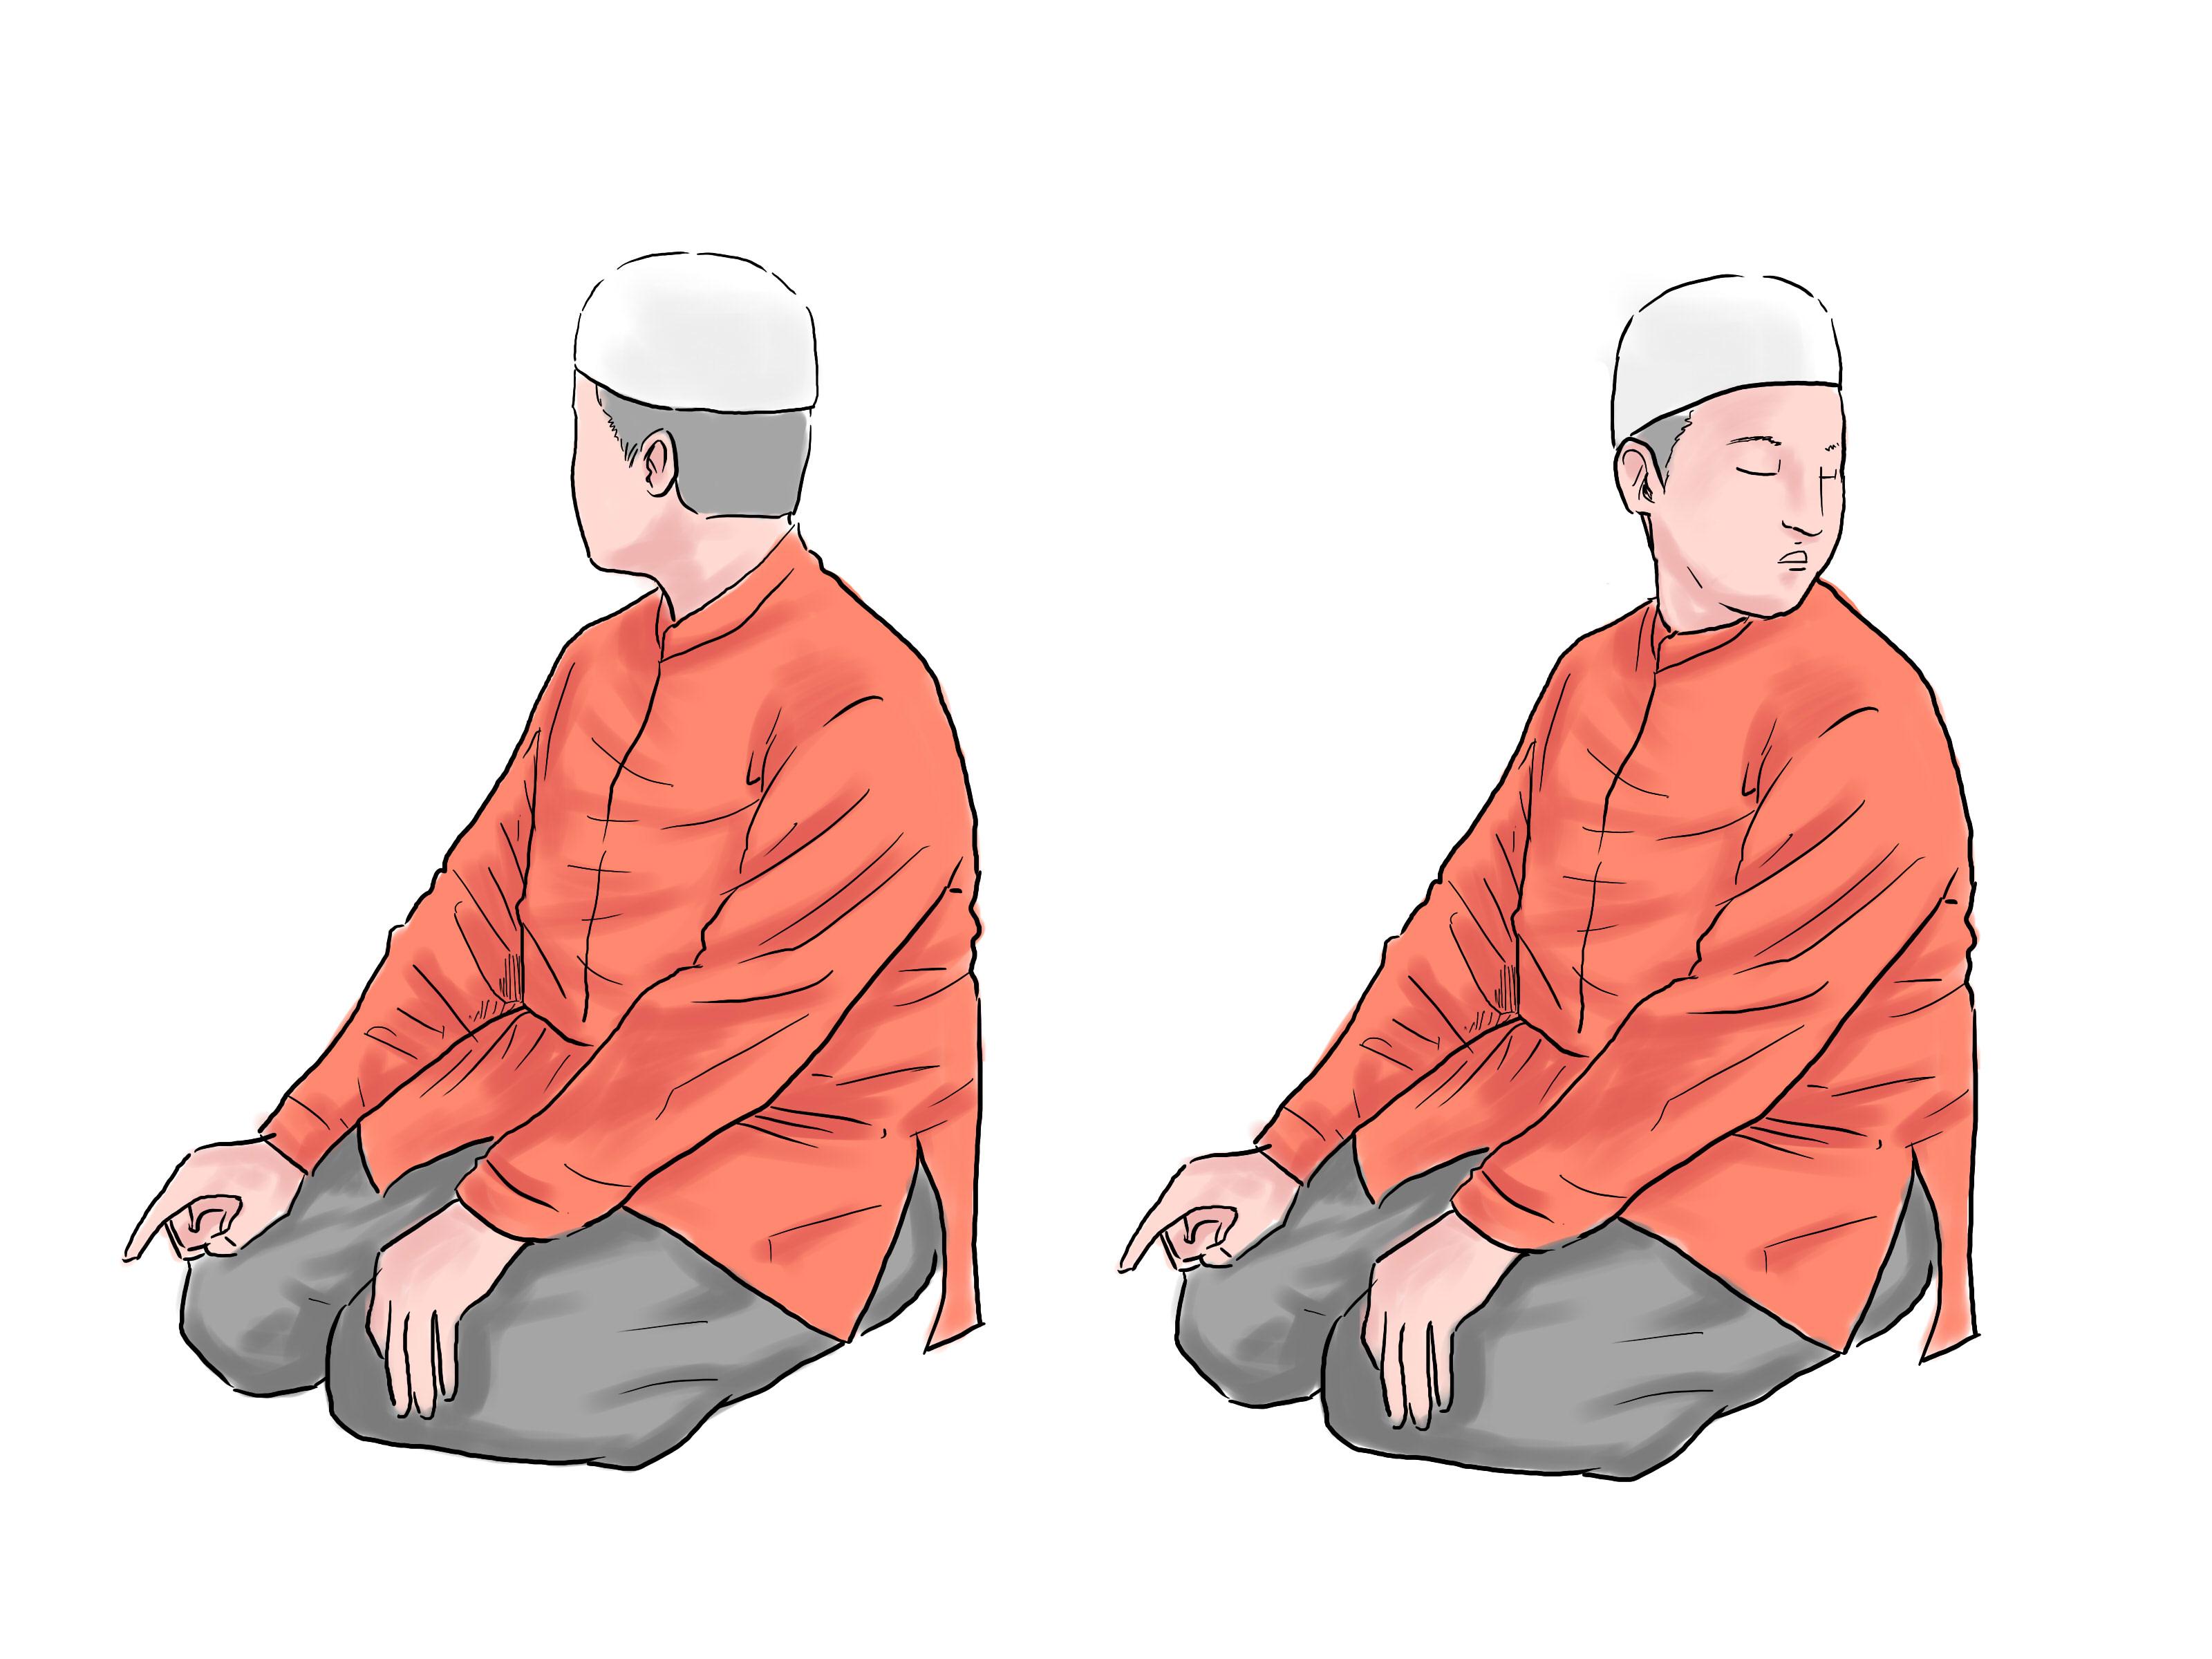 بالصور طريقة الصلاة الصحيحة بالصور , تعرف على كيفيه الصلاه الصحيحه بالصور 5899 8